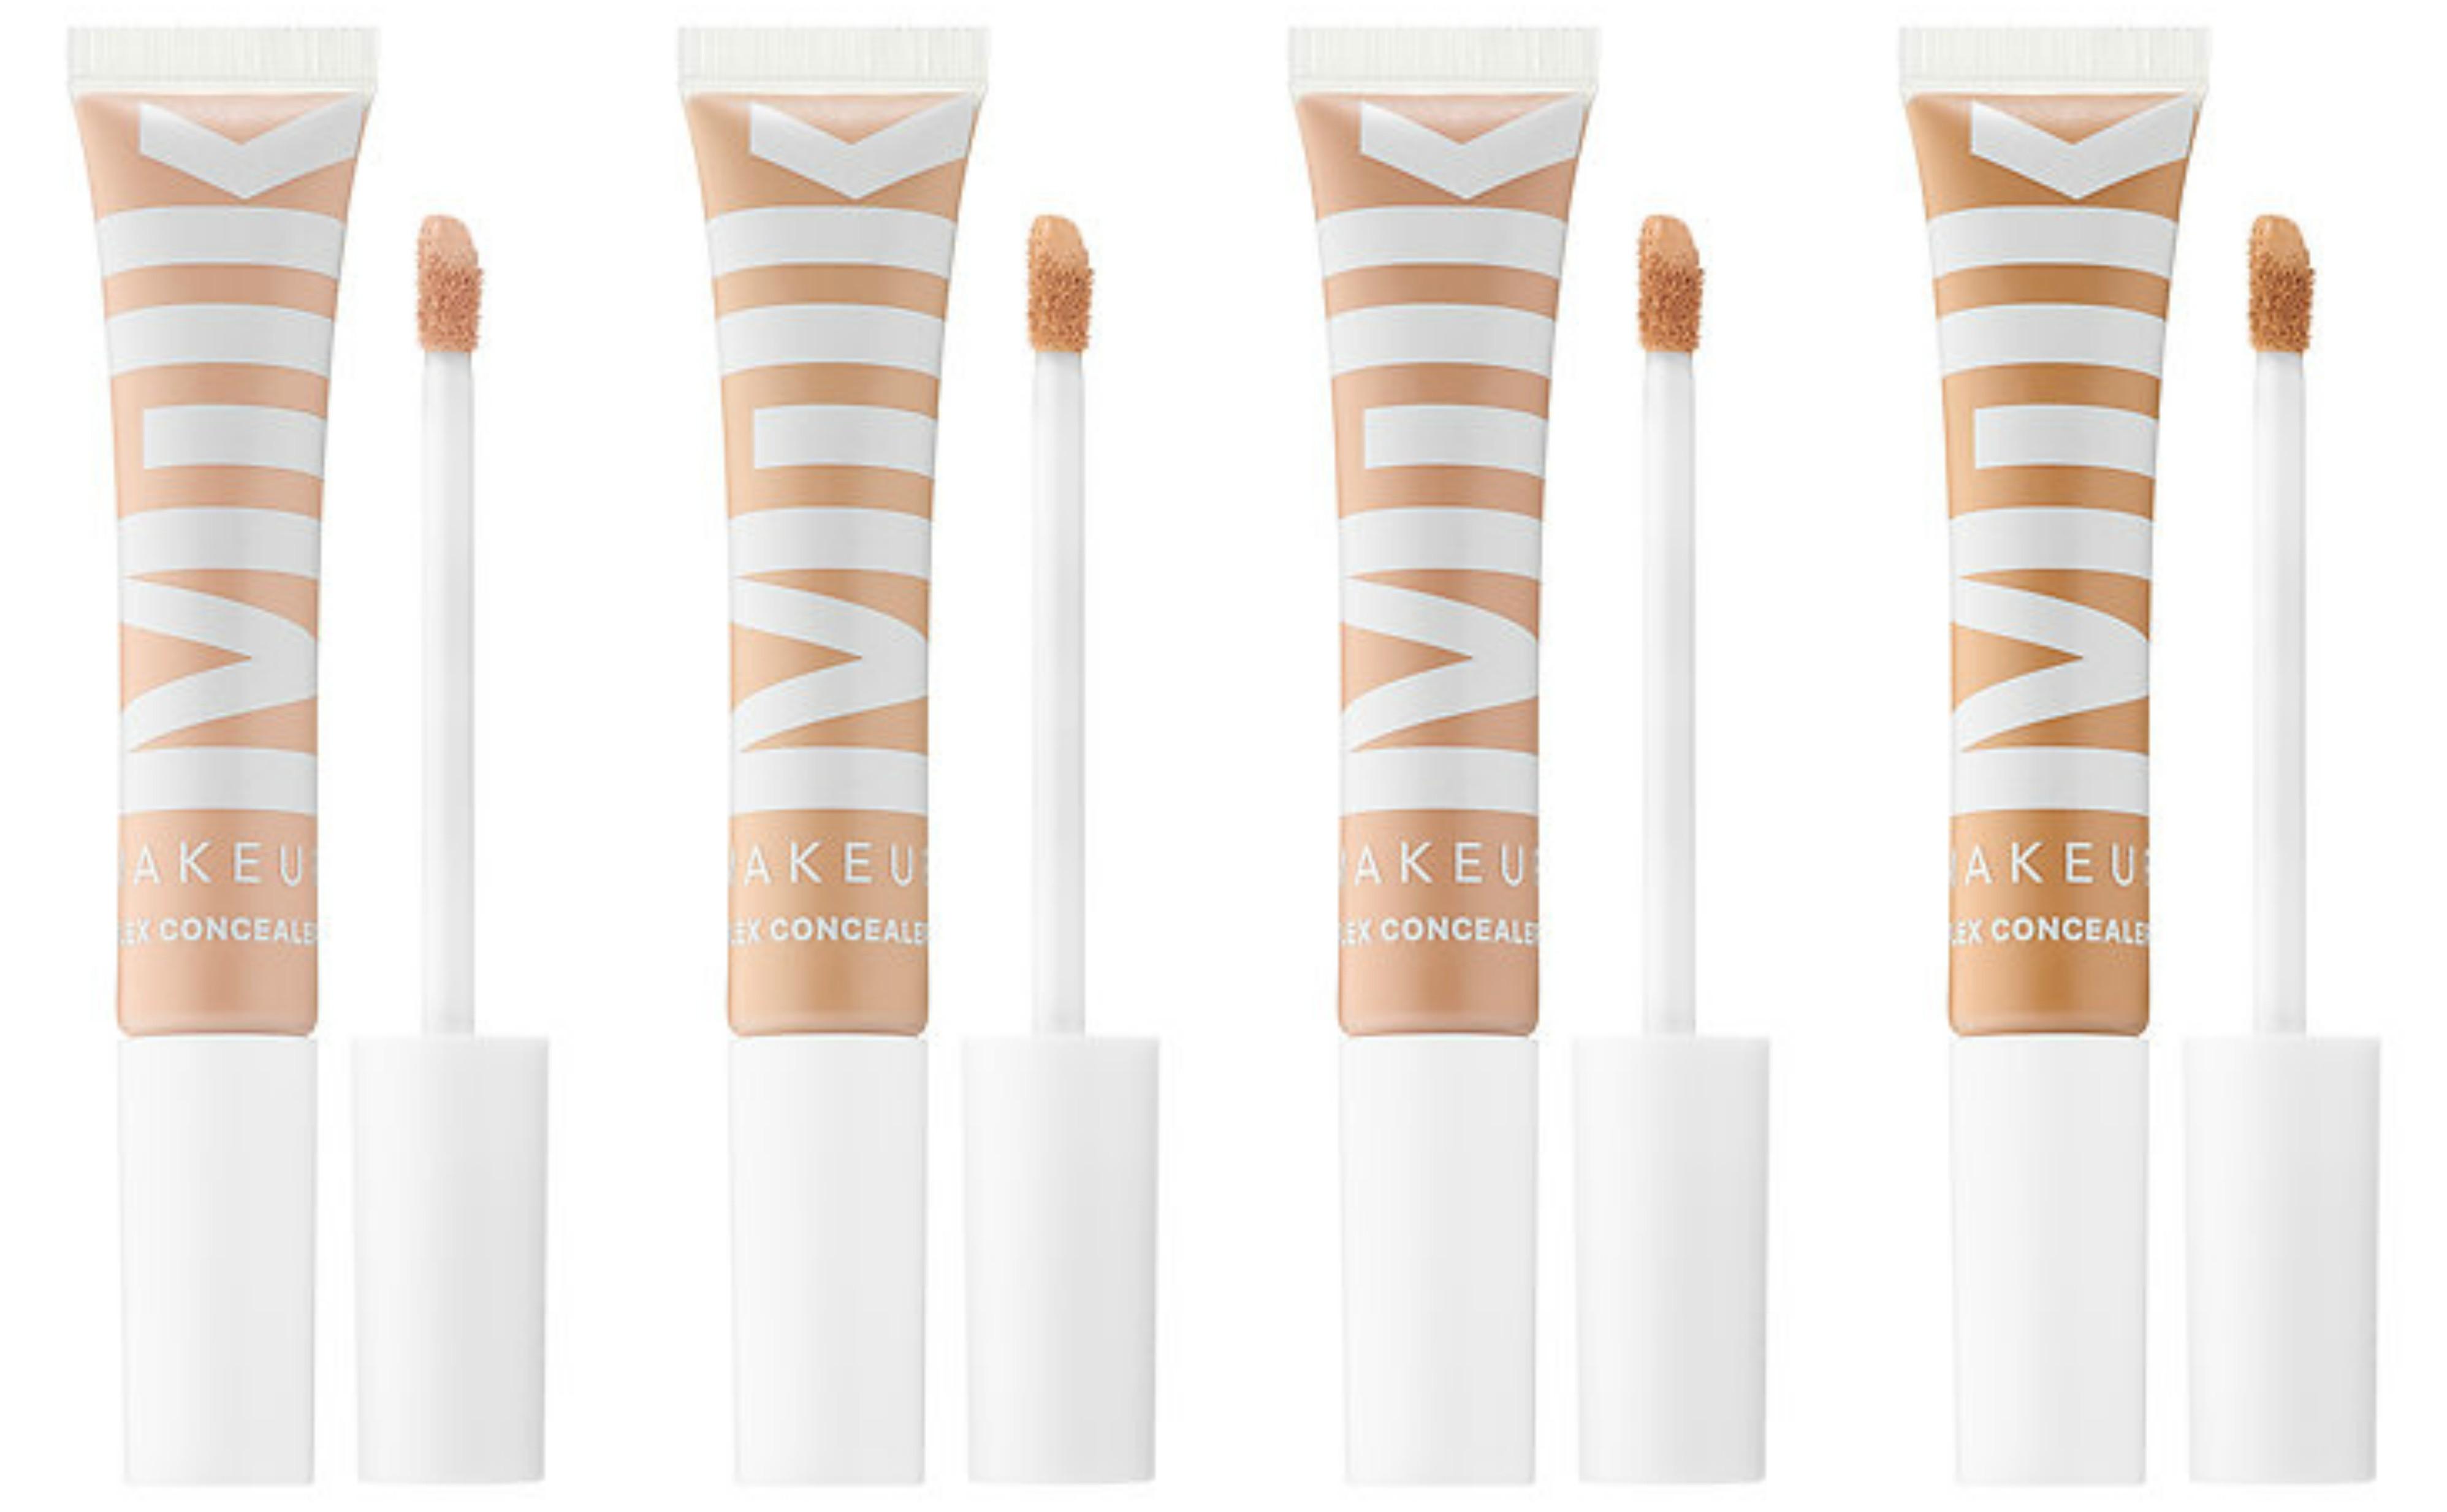 1 Milk Makeup Flex Concealer